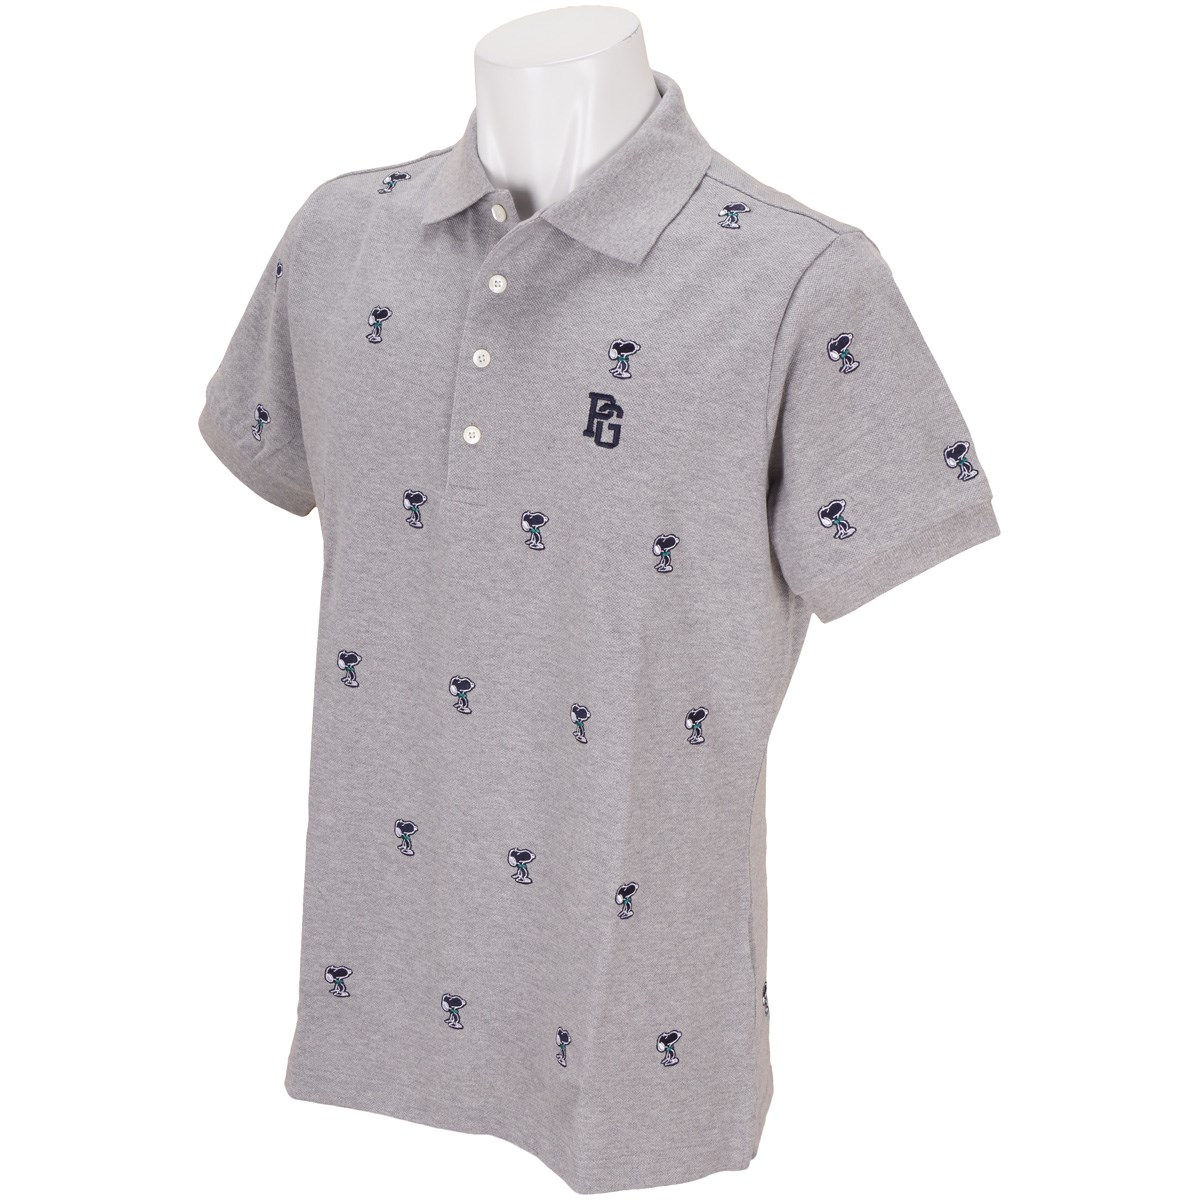 パーリーゲイツ 鹿の子 SNOOPYエンブ 半袖ポロシャツ